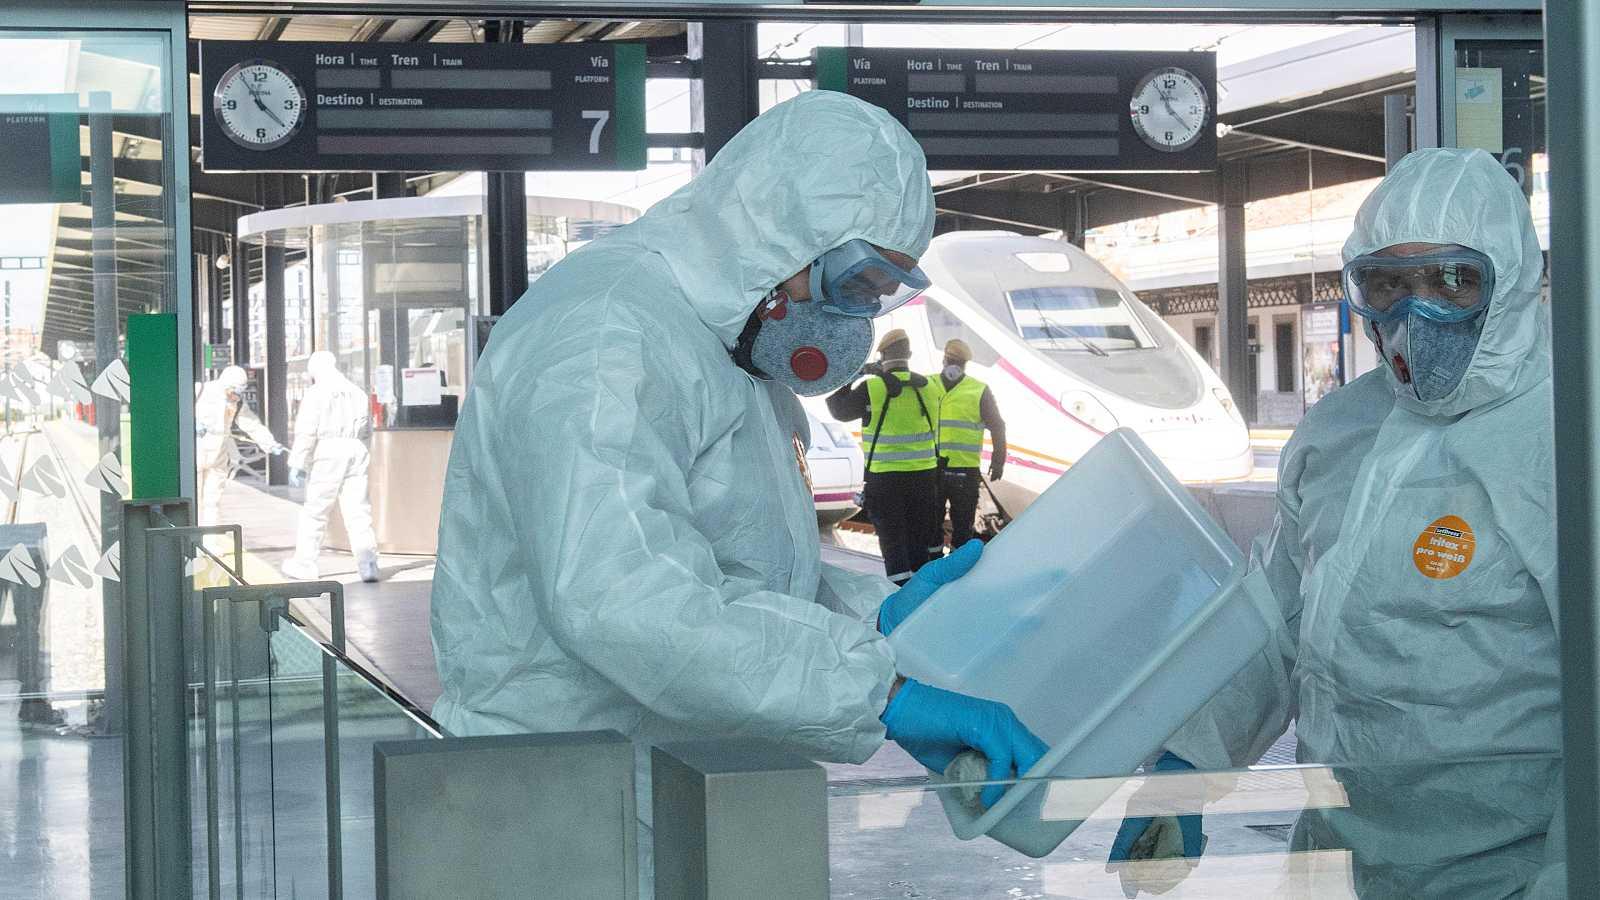 """El Ministerio de Sanidad ha asegurado este miércoles que los test rápidos para detectar positivos de coronavirus """"van a llegar en cantidades grandes muy rápidamente"""". """"Se va a empezar inmediatamente a hacer las pruebas a todas las personas con sintom"""